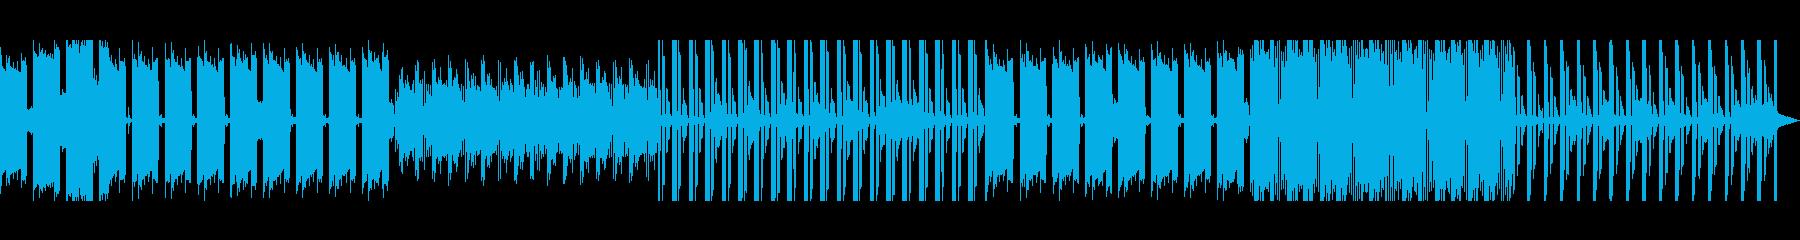 ポップなエレクトロの再生済みの波形